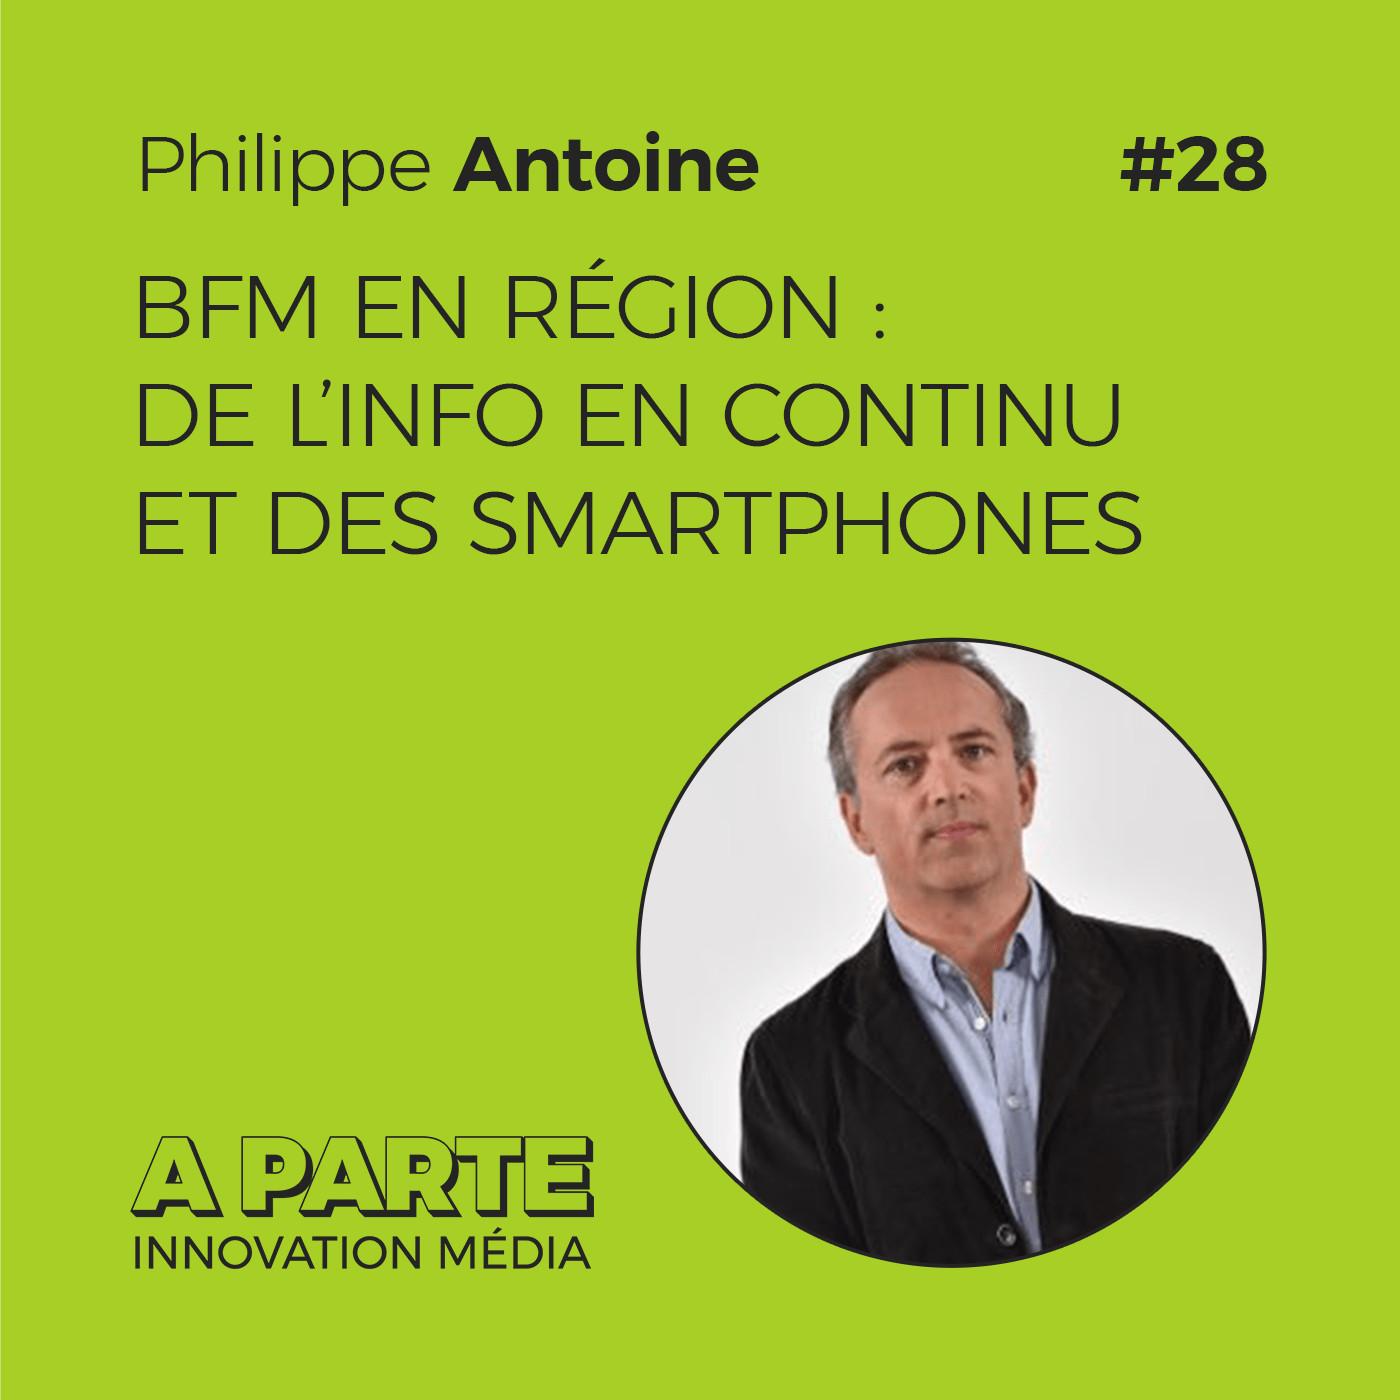 BFM en région : de l'info en continu et des smartphones, avec Philippe Antoine